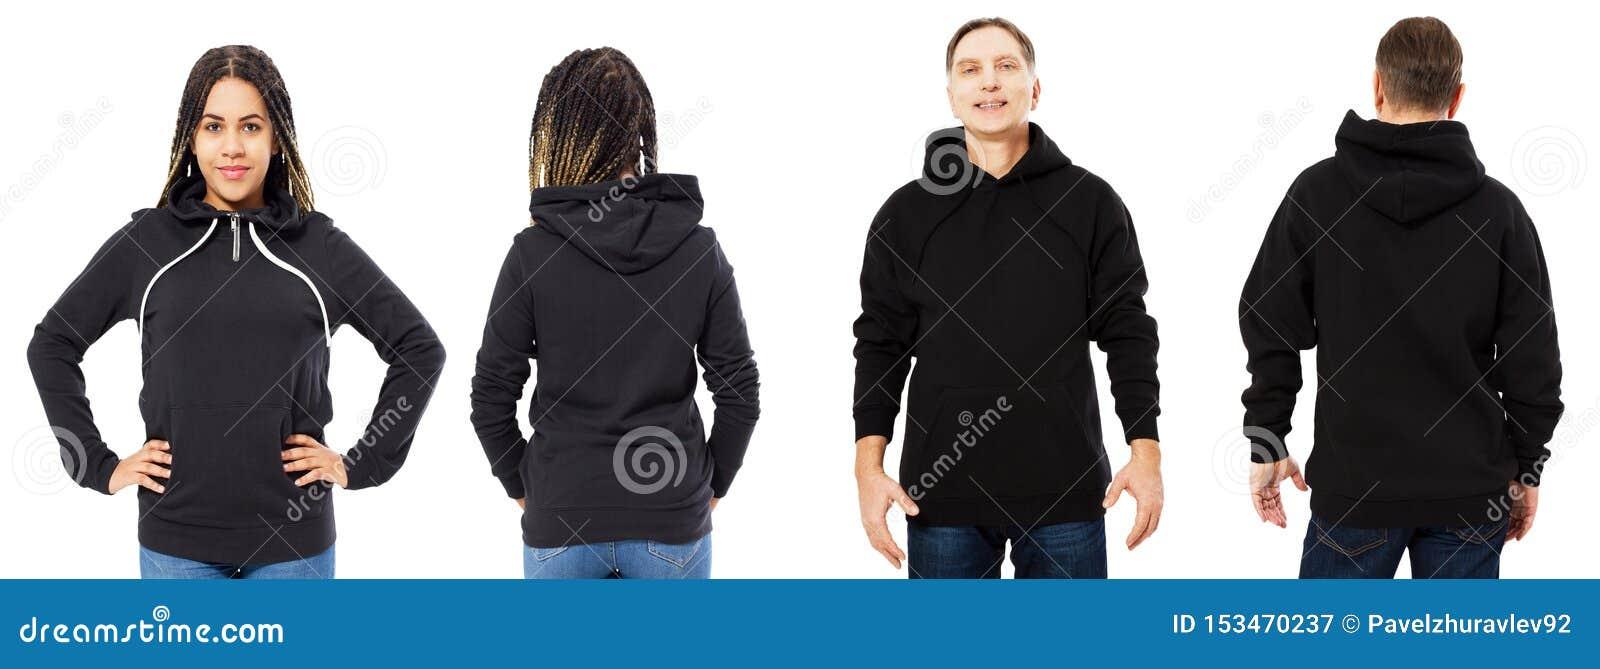 Prz?d, z powrotem tylni czarny bluza sportowa widok i Piękna murzynka i mężczyzna w szablonie odziewamy dla druku i kopii przestr